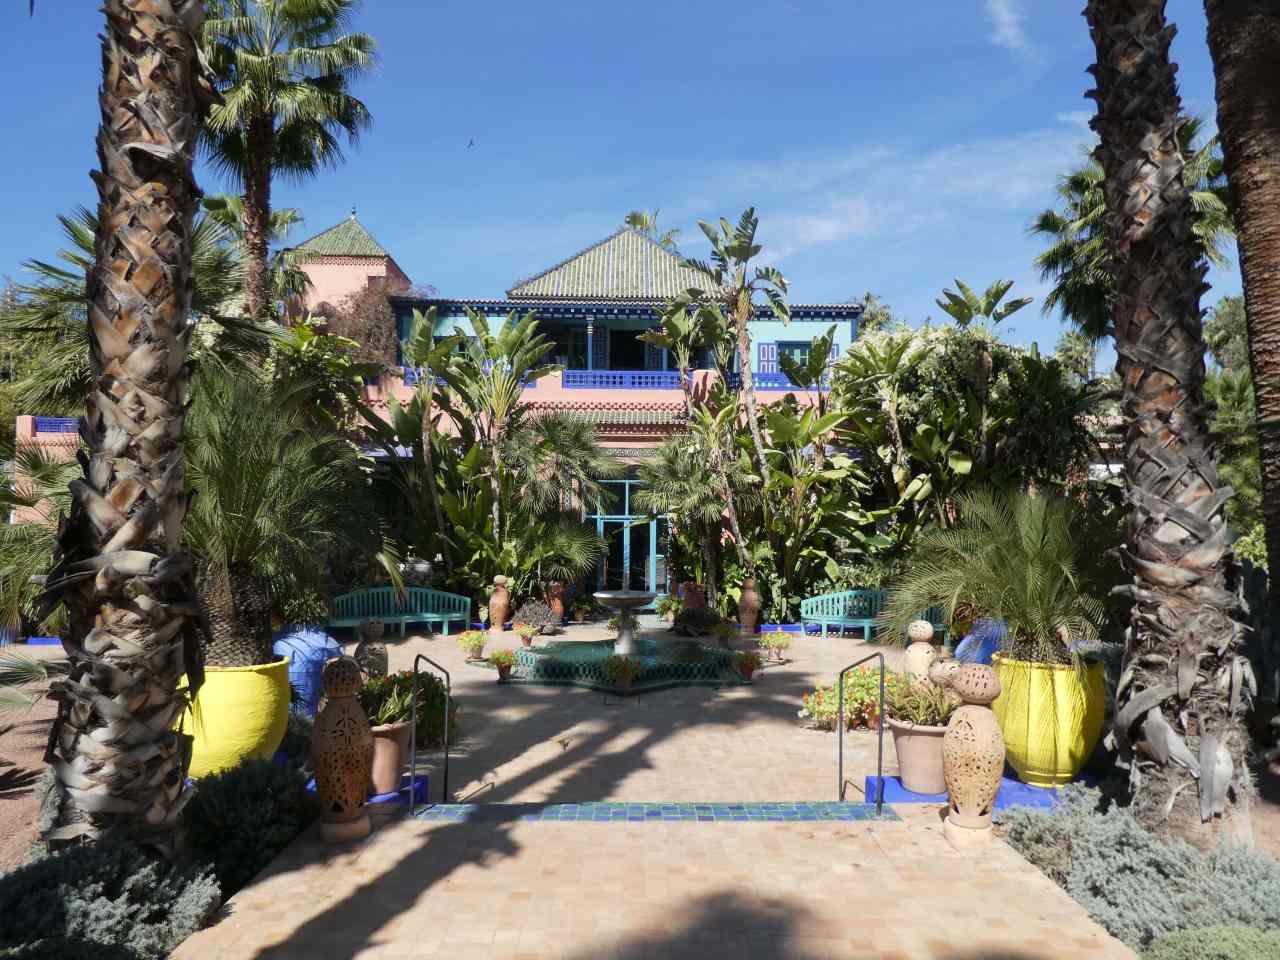 Yves Saint Lauren't home in Marrakech